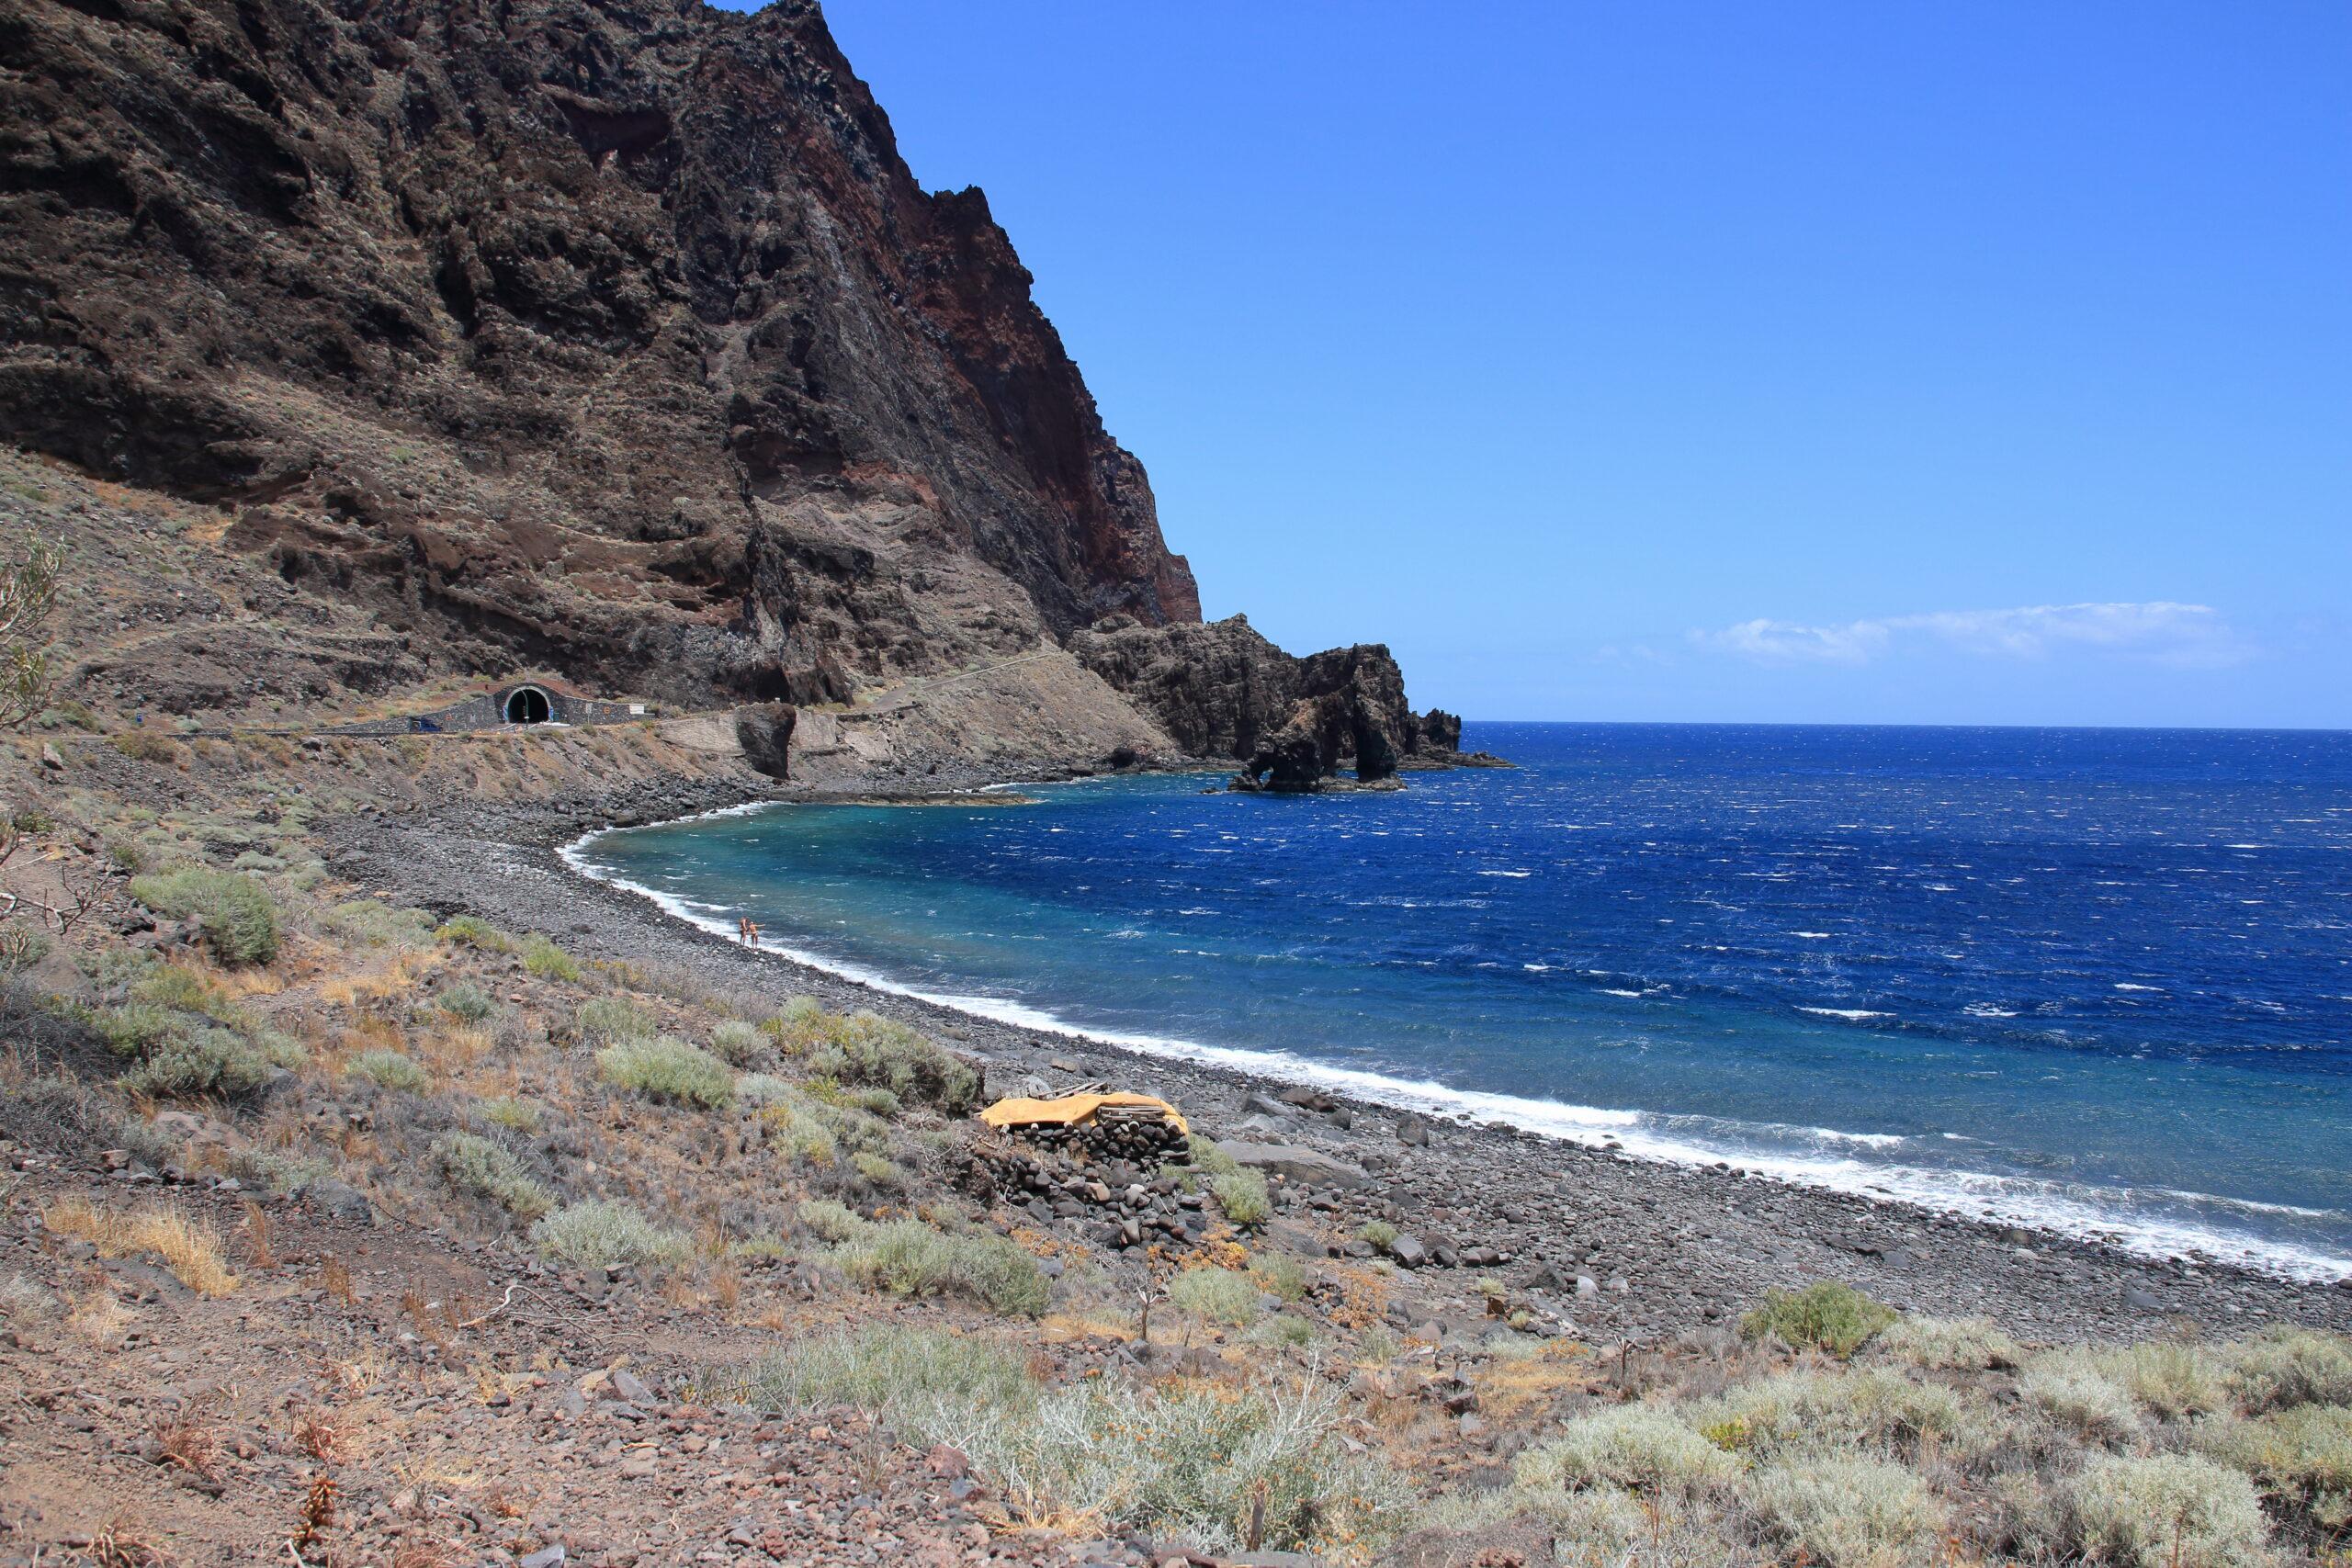 img_8391-habitat-las-playas-roque-de-bonanza-colonia-de-salado-blanco-scaled.jpg